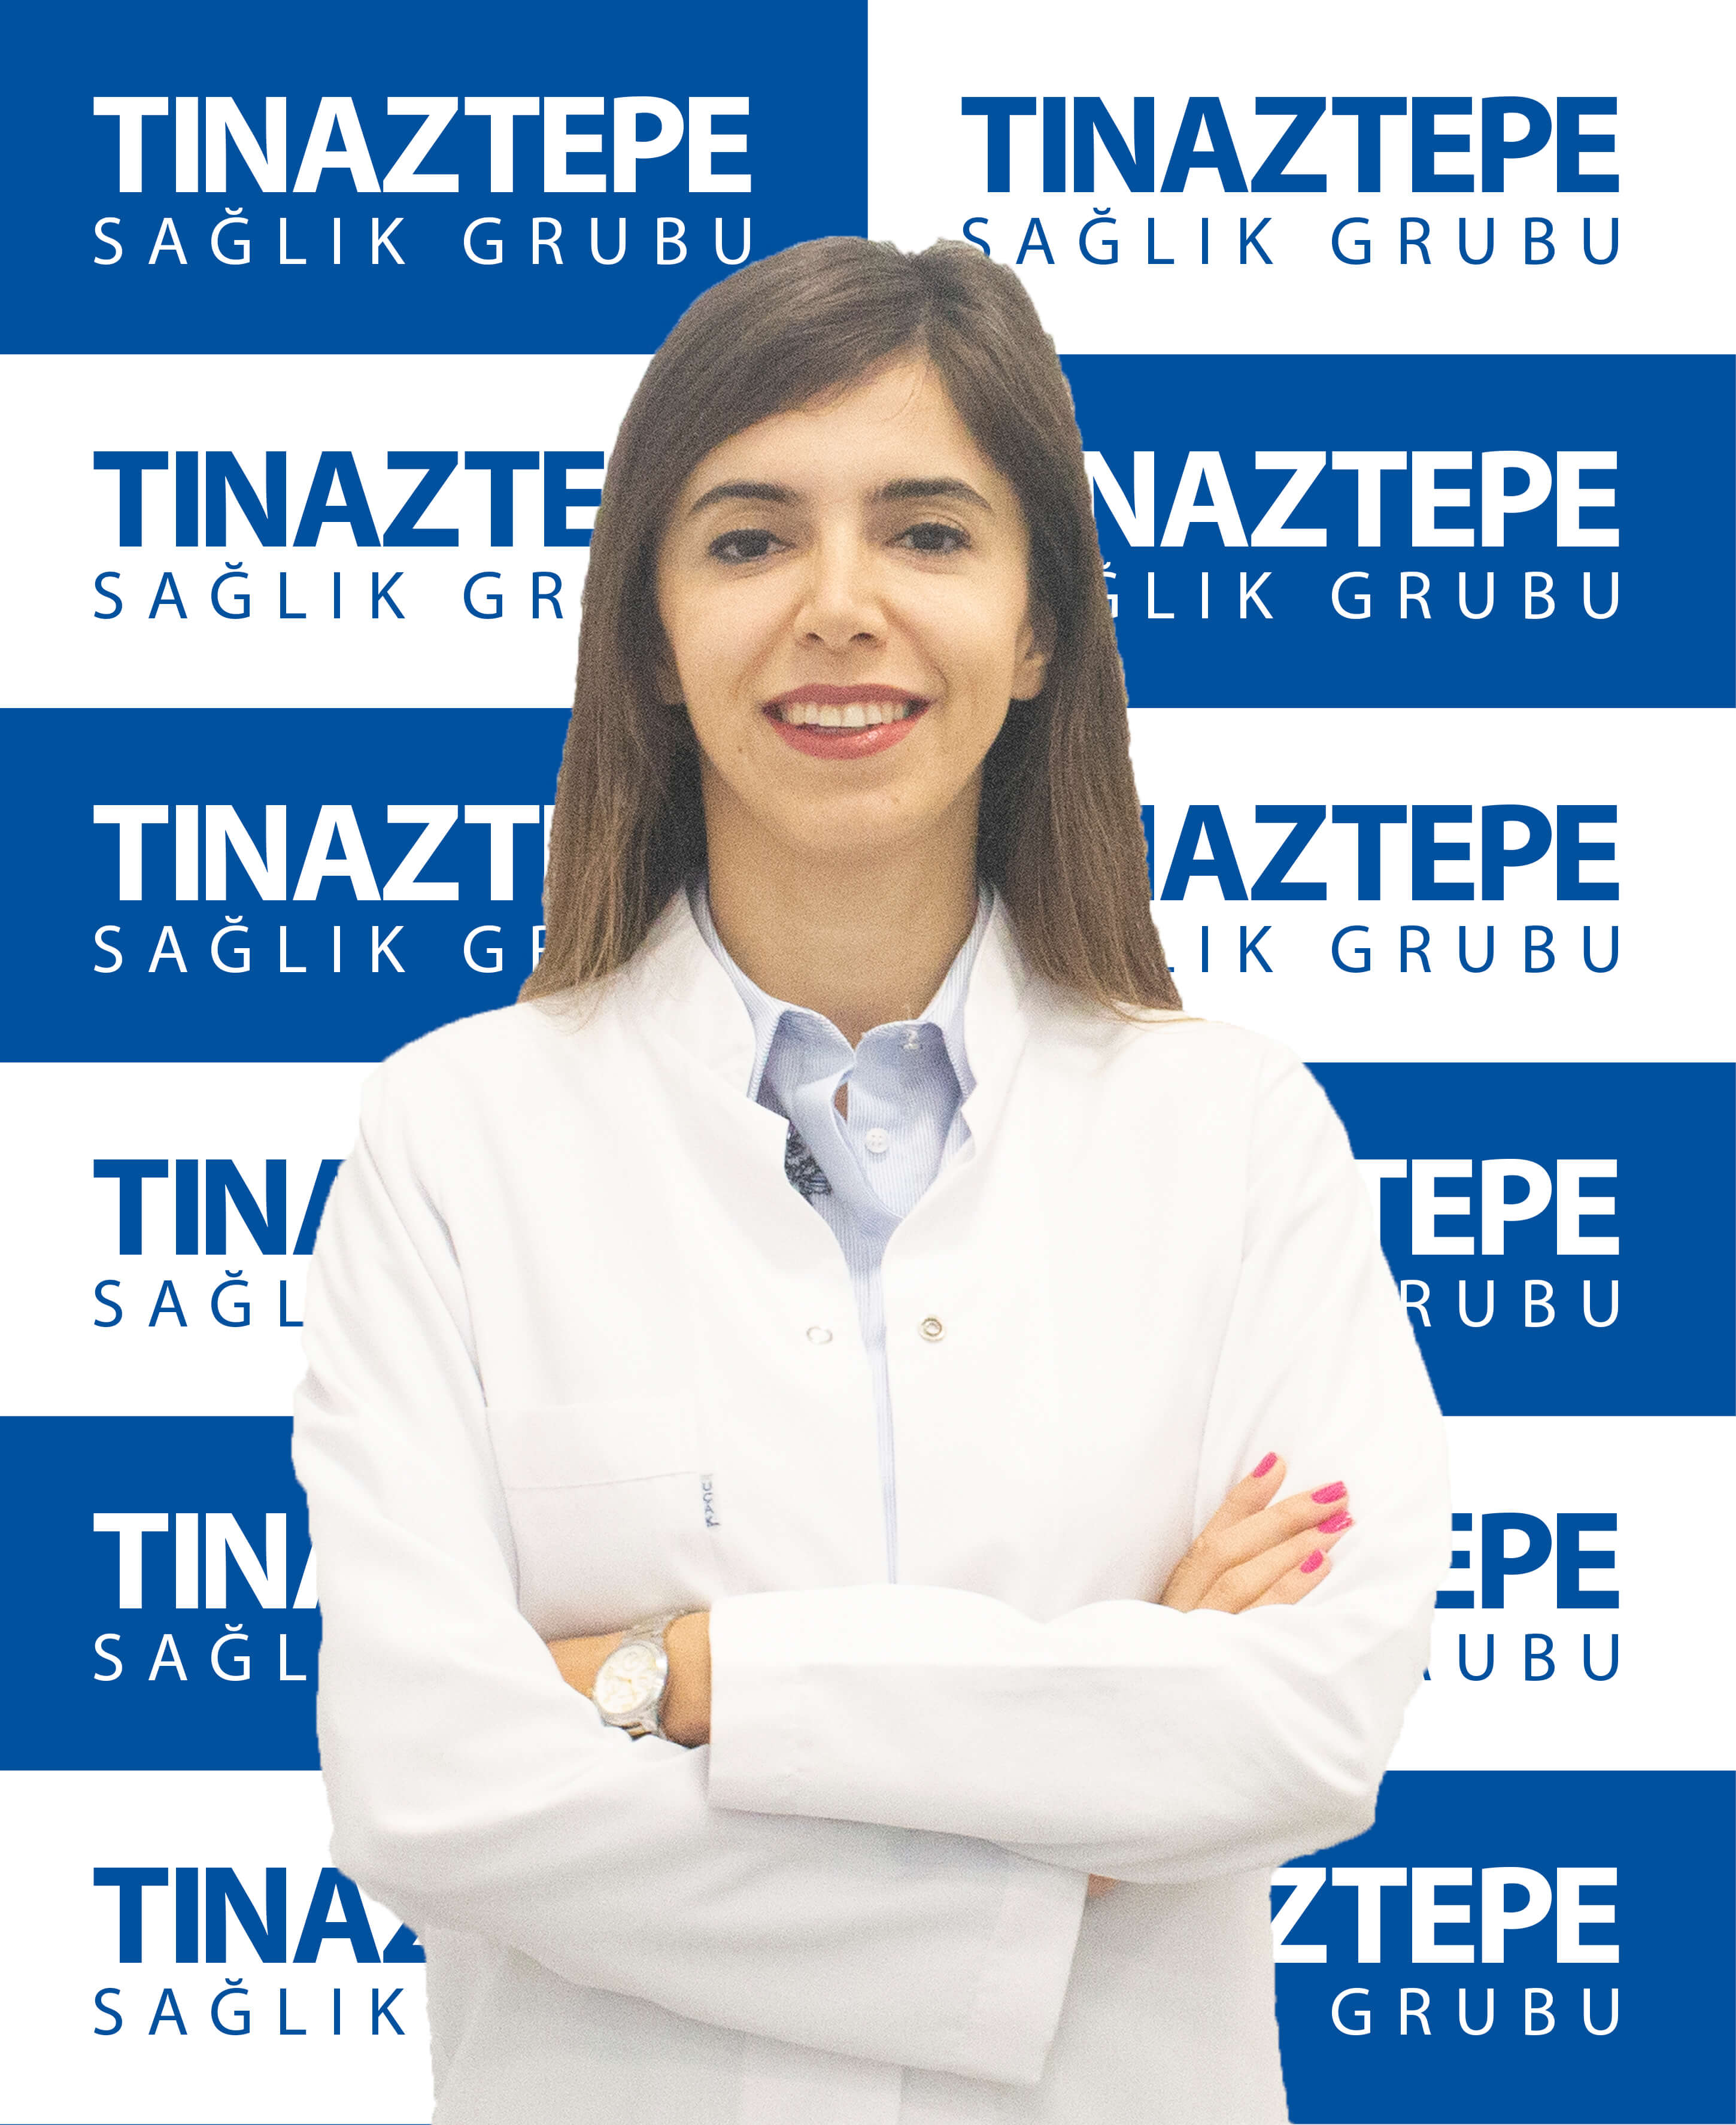 Uzm. Dr. Bengü SERPEN